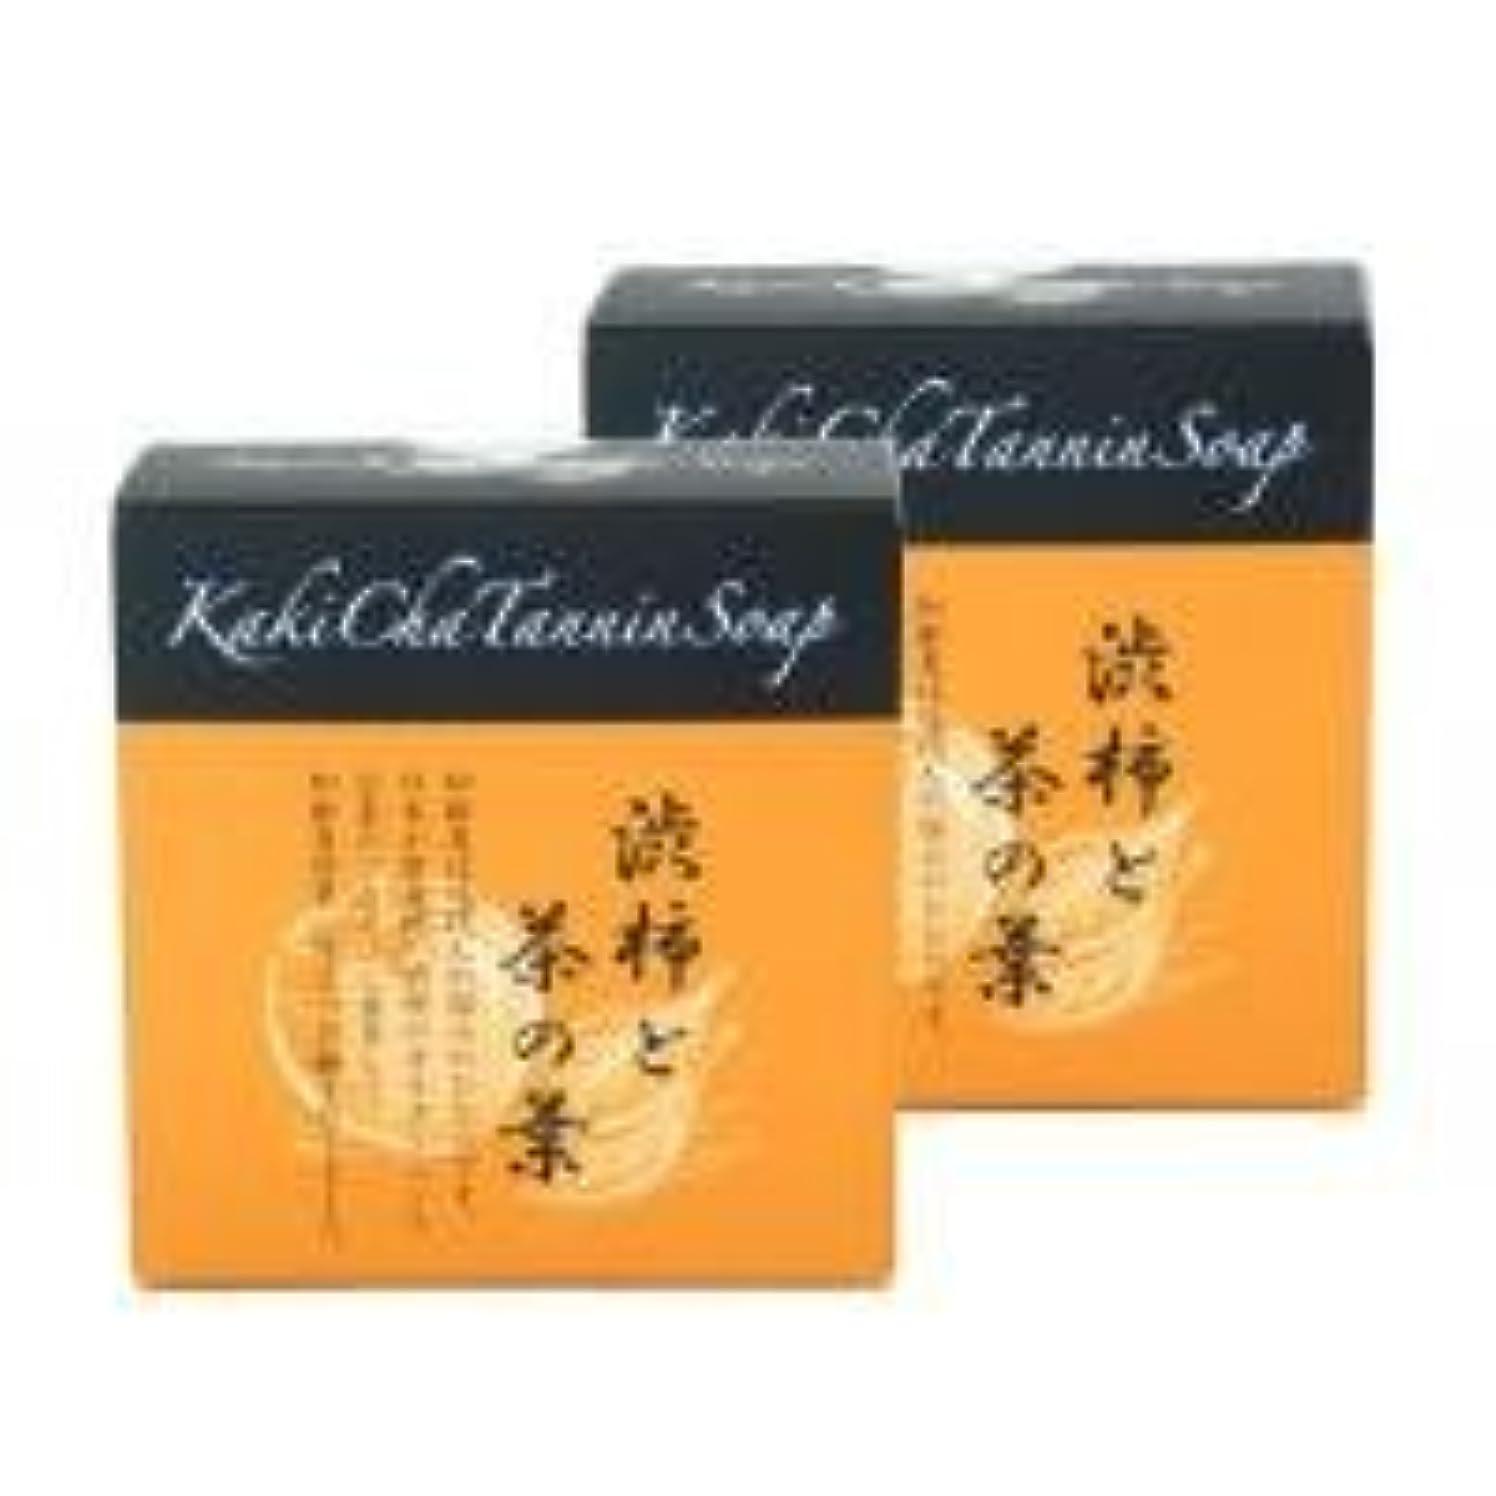 ラフ睡眠サラミダイアクリティカル柿茶タンニンソープ(100g)×2個 K00024W